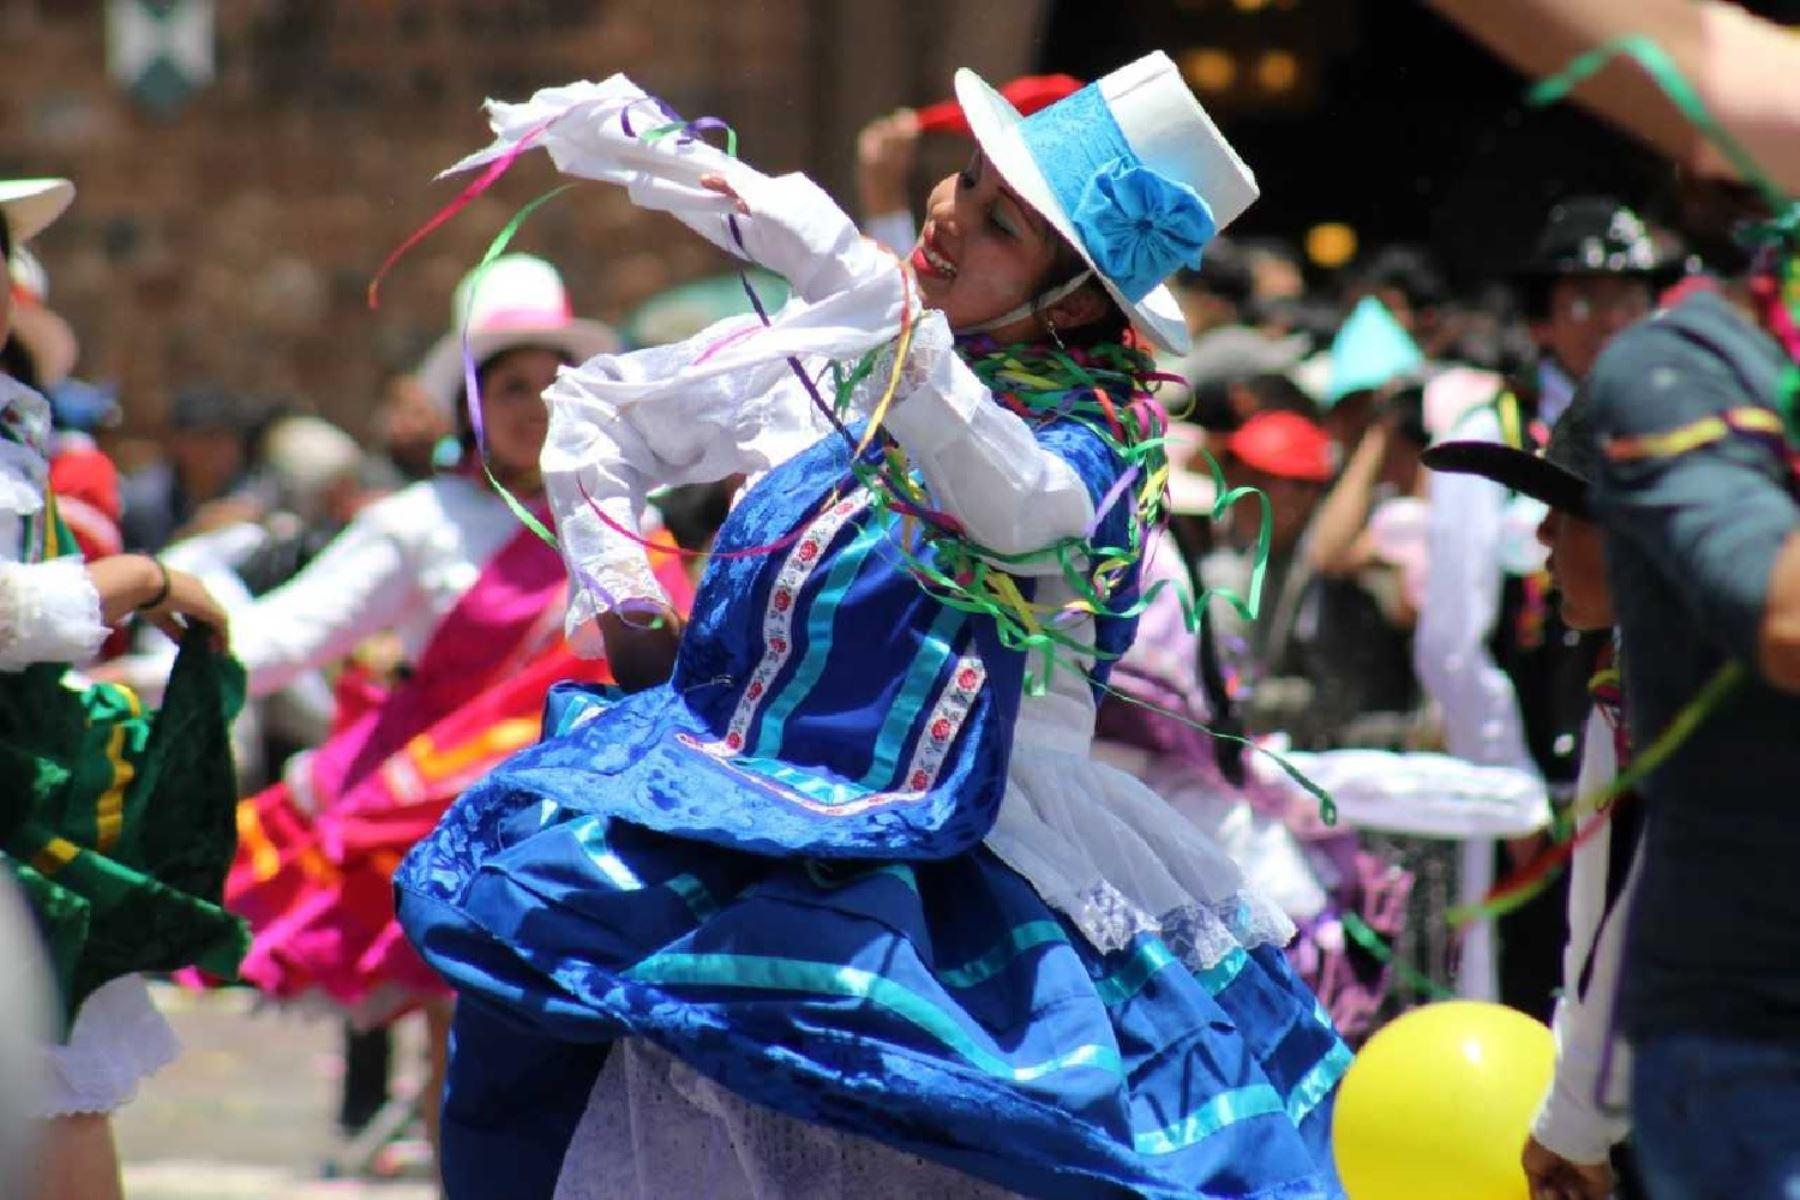 Diferentes comparsas participan del colorido carnaval al ritmo de la música típica. Foto: Percy Hurtado-